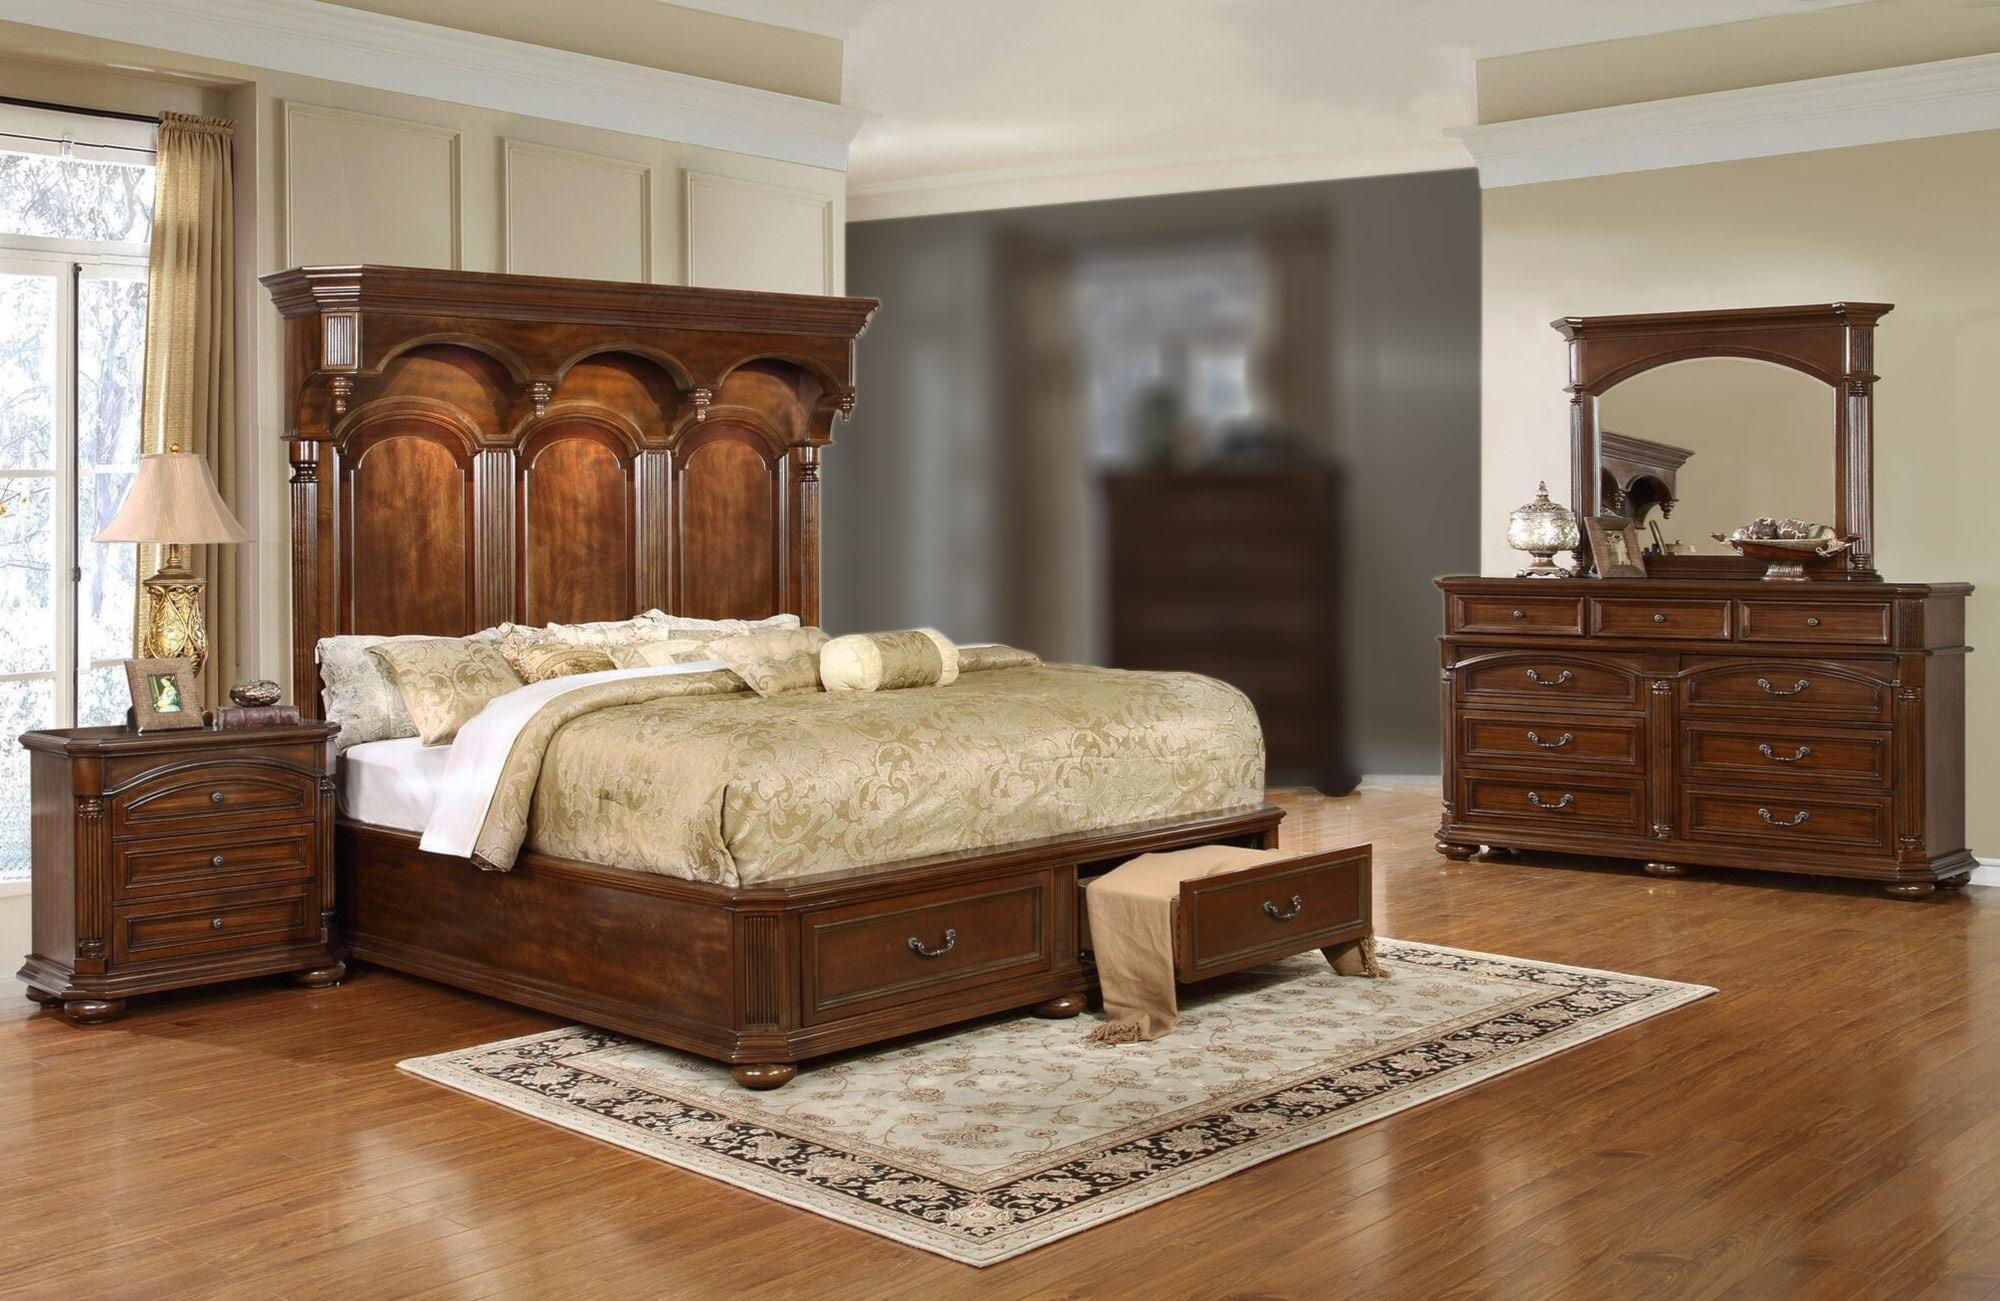 Empire 4PC Queen Storage Bedroom Set Rotmans Bedroom Groups